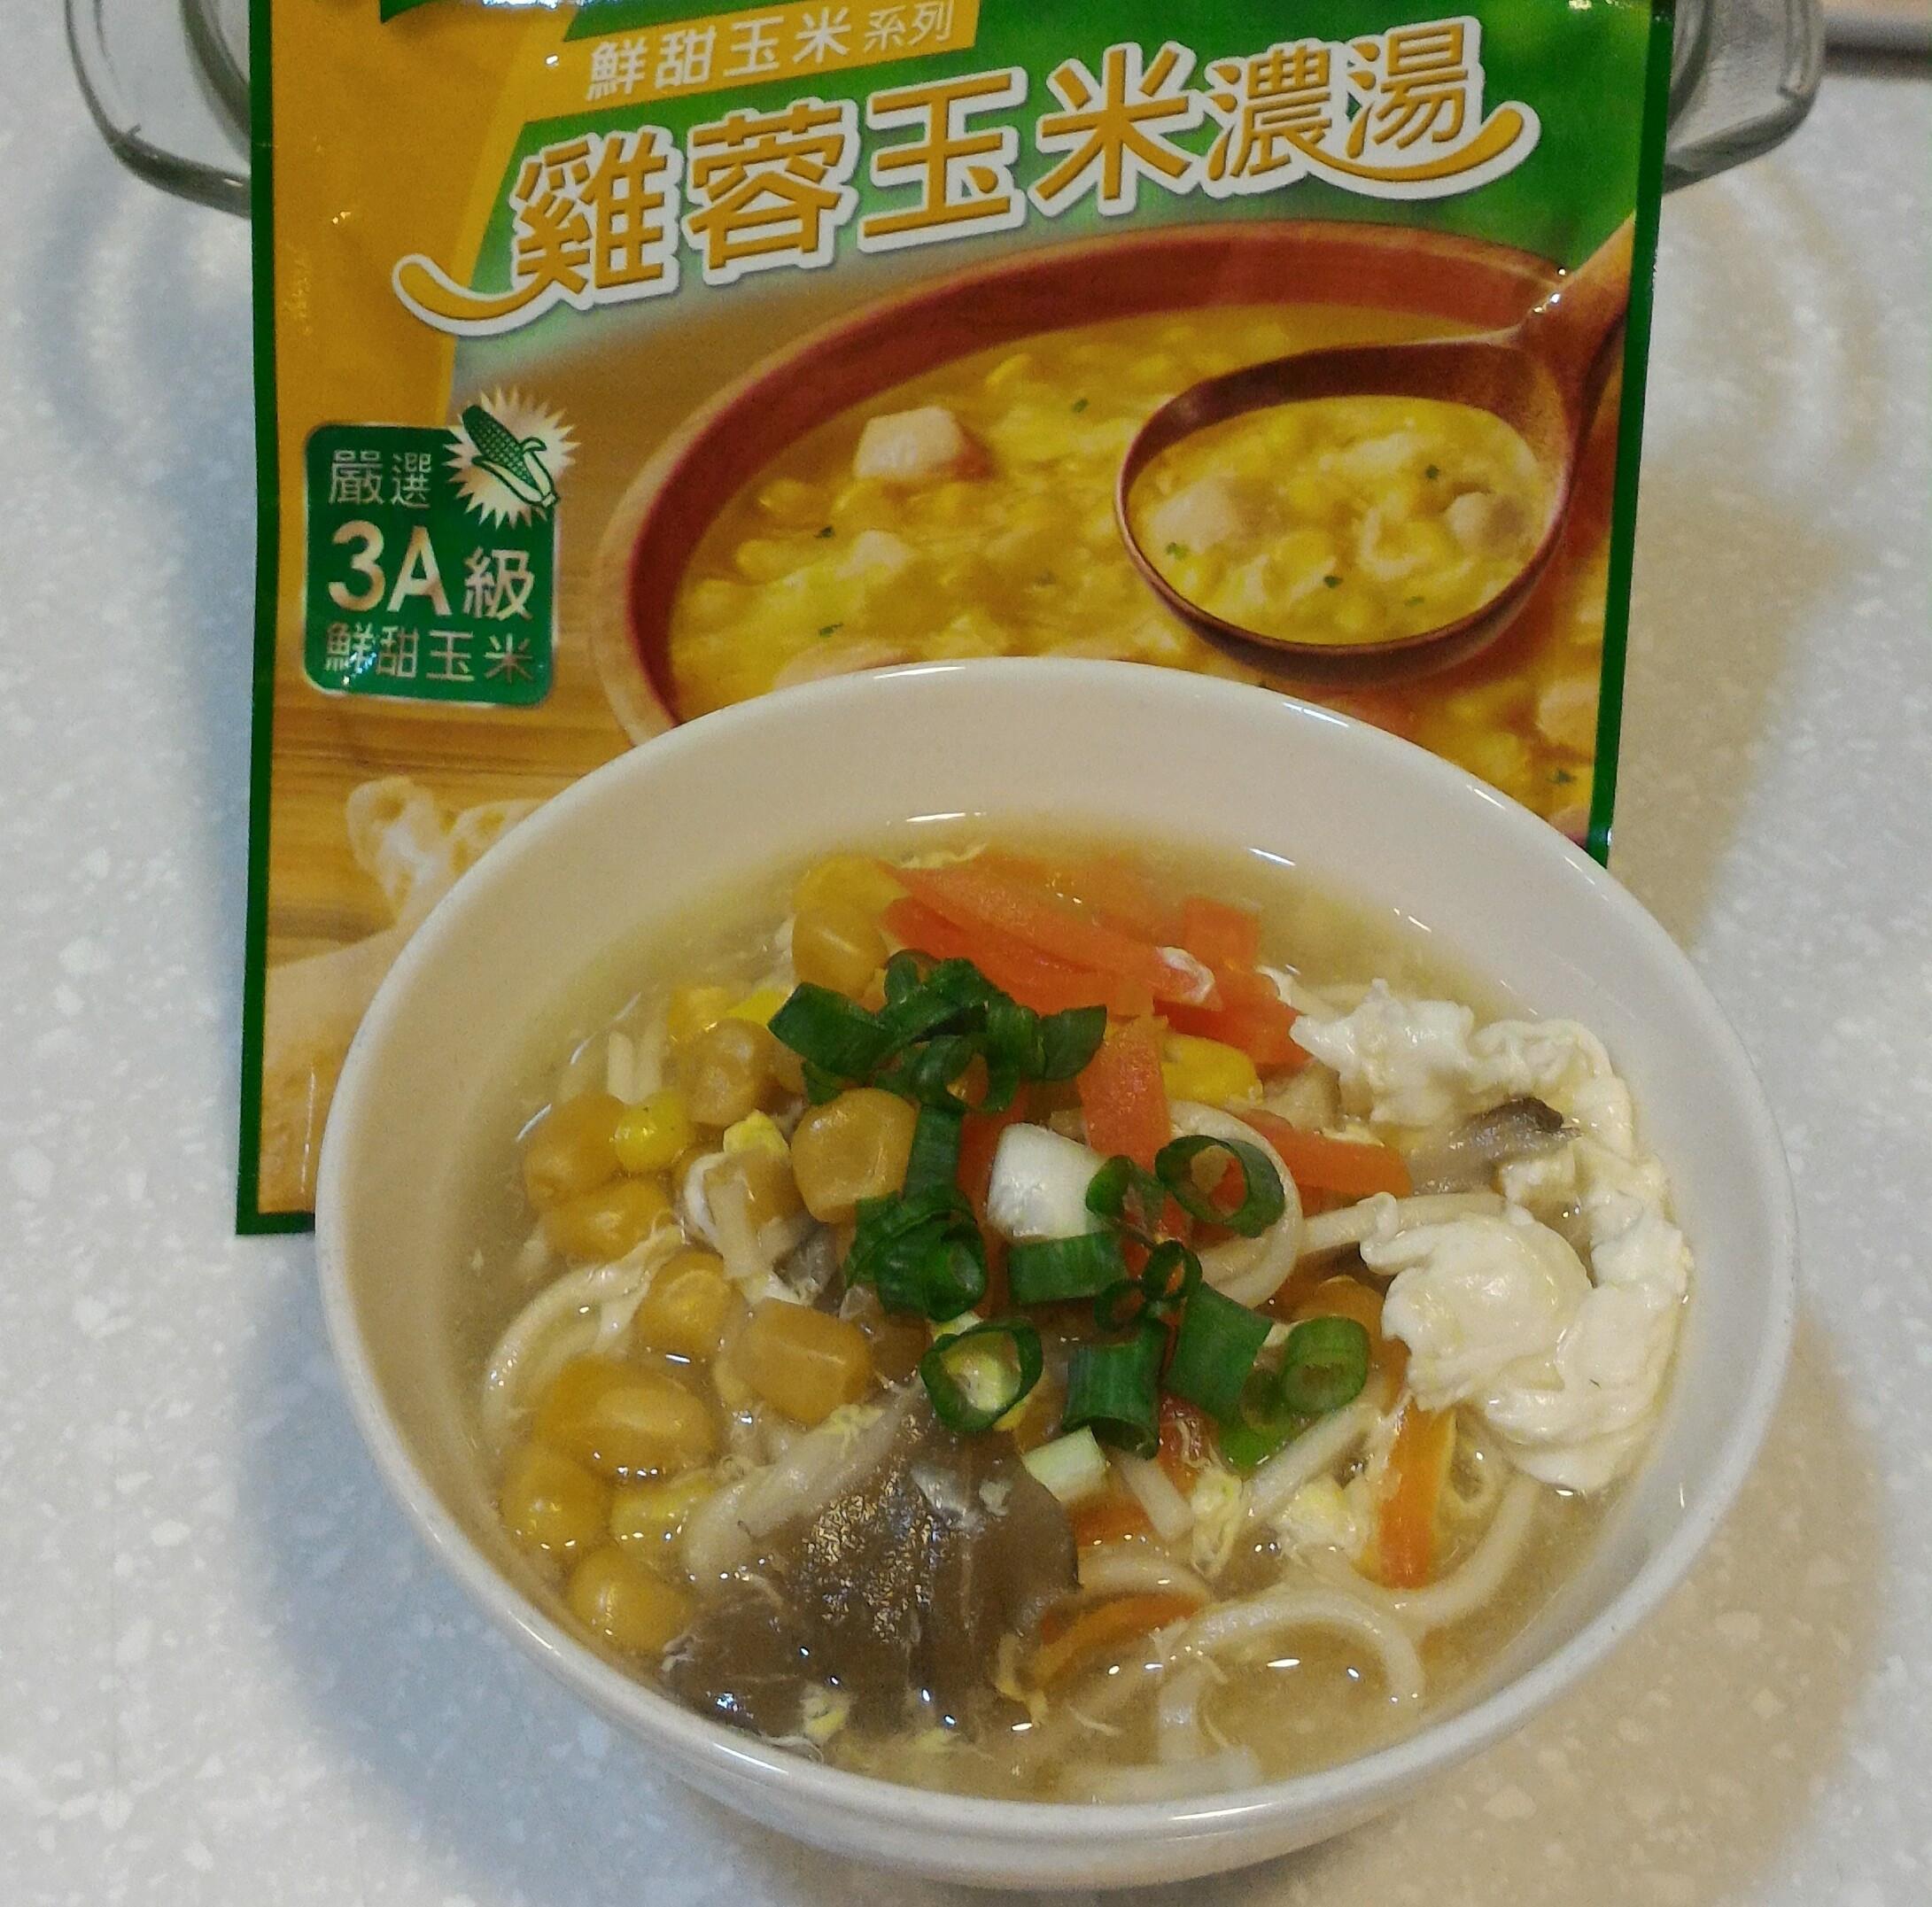 雞蓉玉米香菇麵vs康寶雞蓉玉米濃湯包